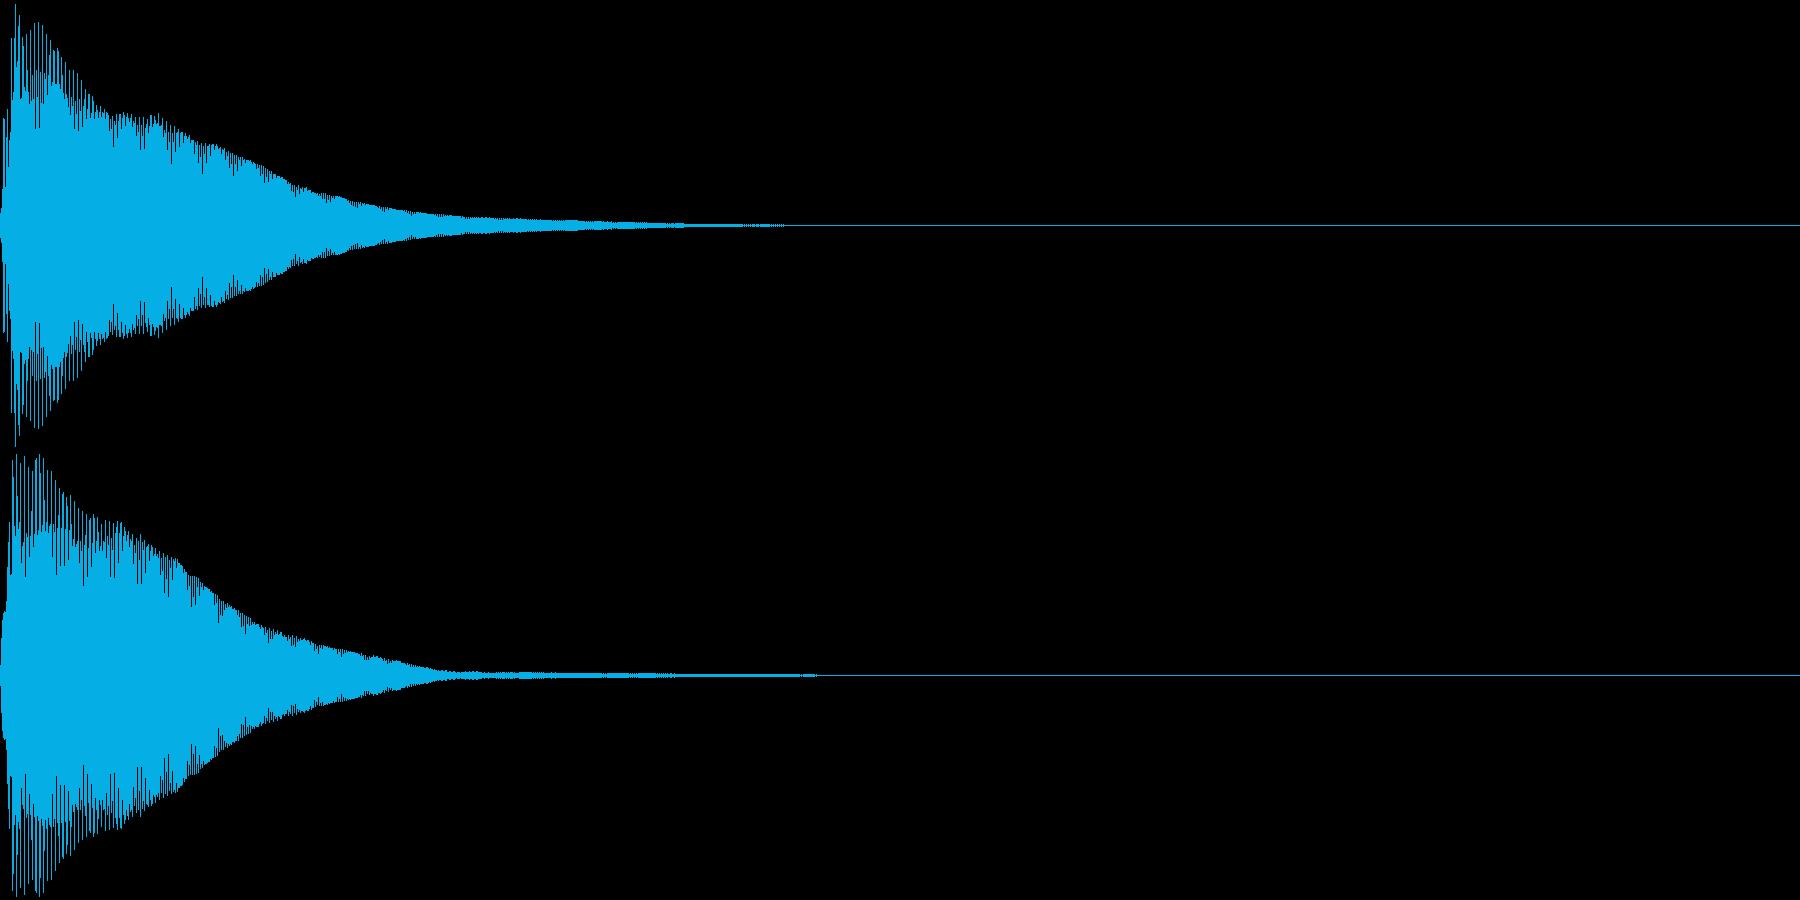 カーソル音5【コンッ】の再生済みの波形